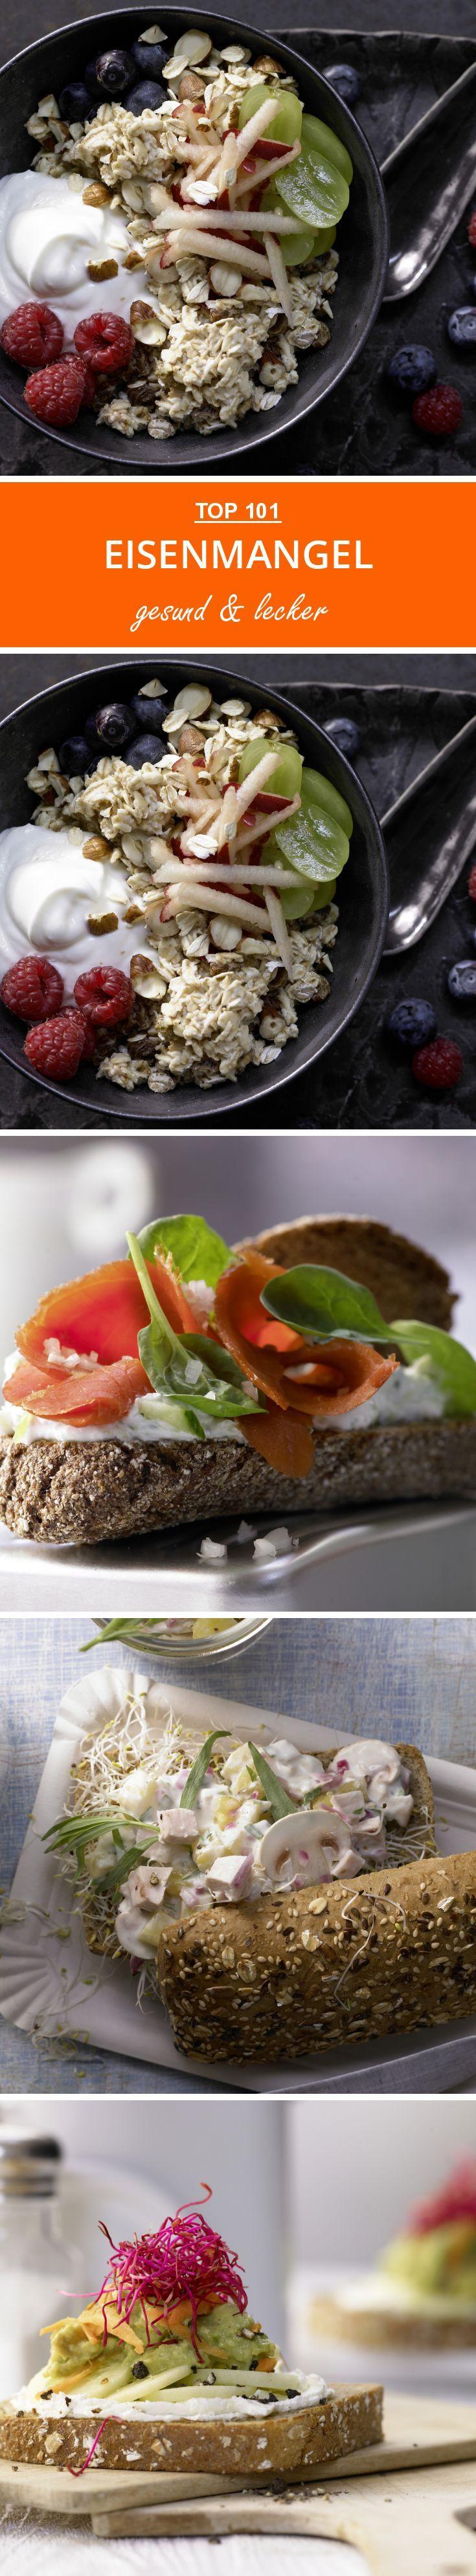 Eisenmangel | eatsmarter.de